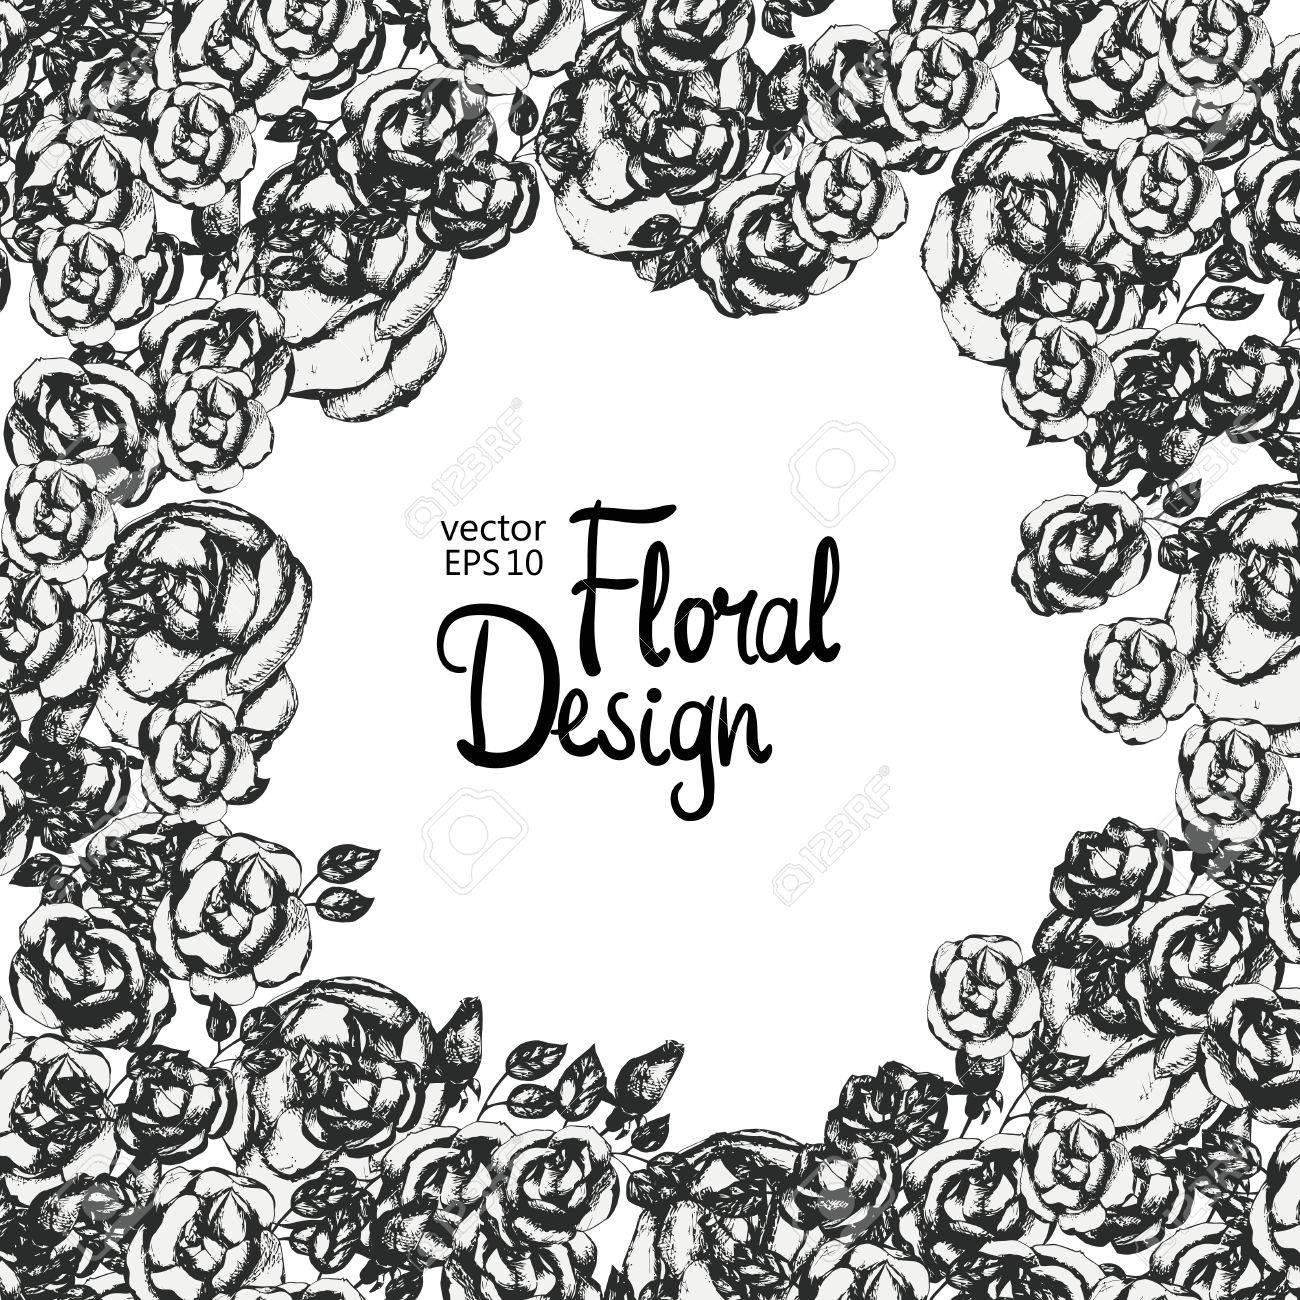 cadre de vecteur floral vintage. noir et blanc. fleurs dessinées à